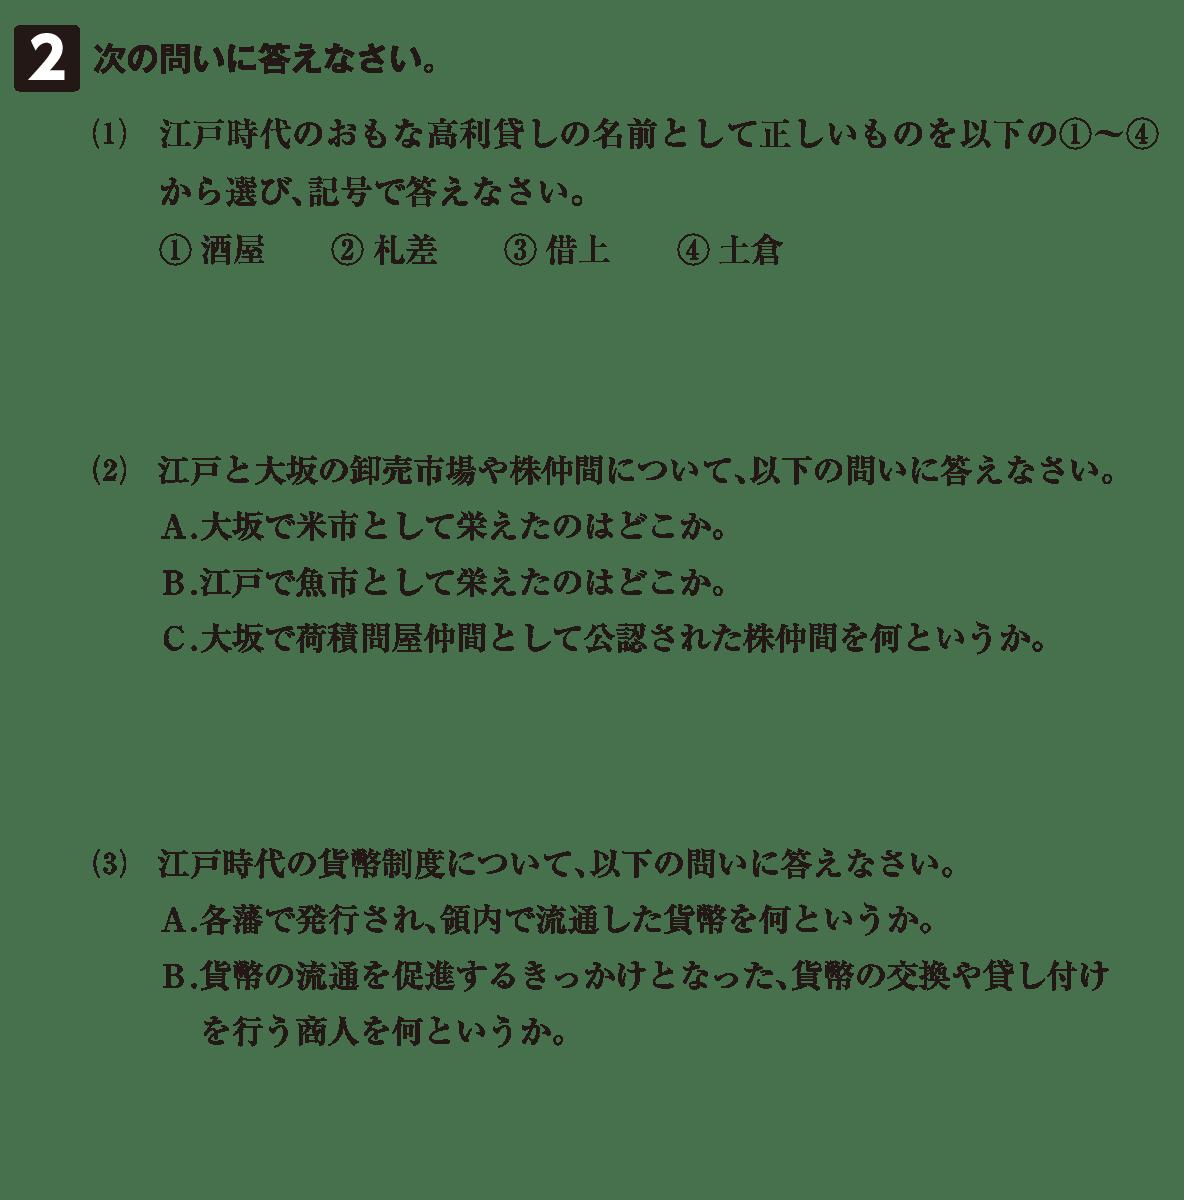 近世33 問題2 カッコ空欄